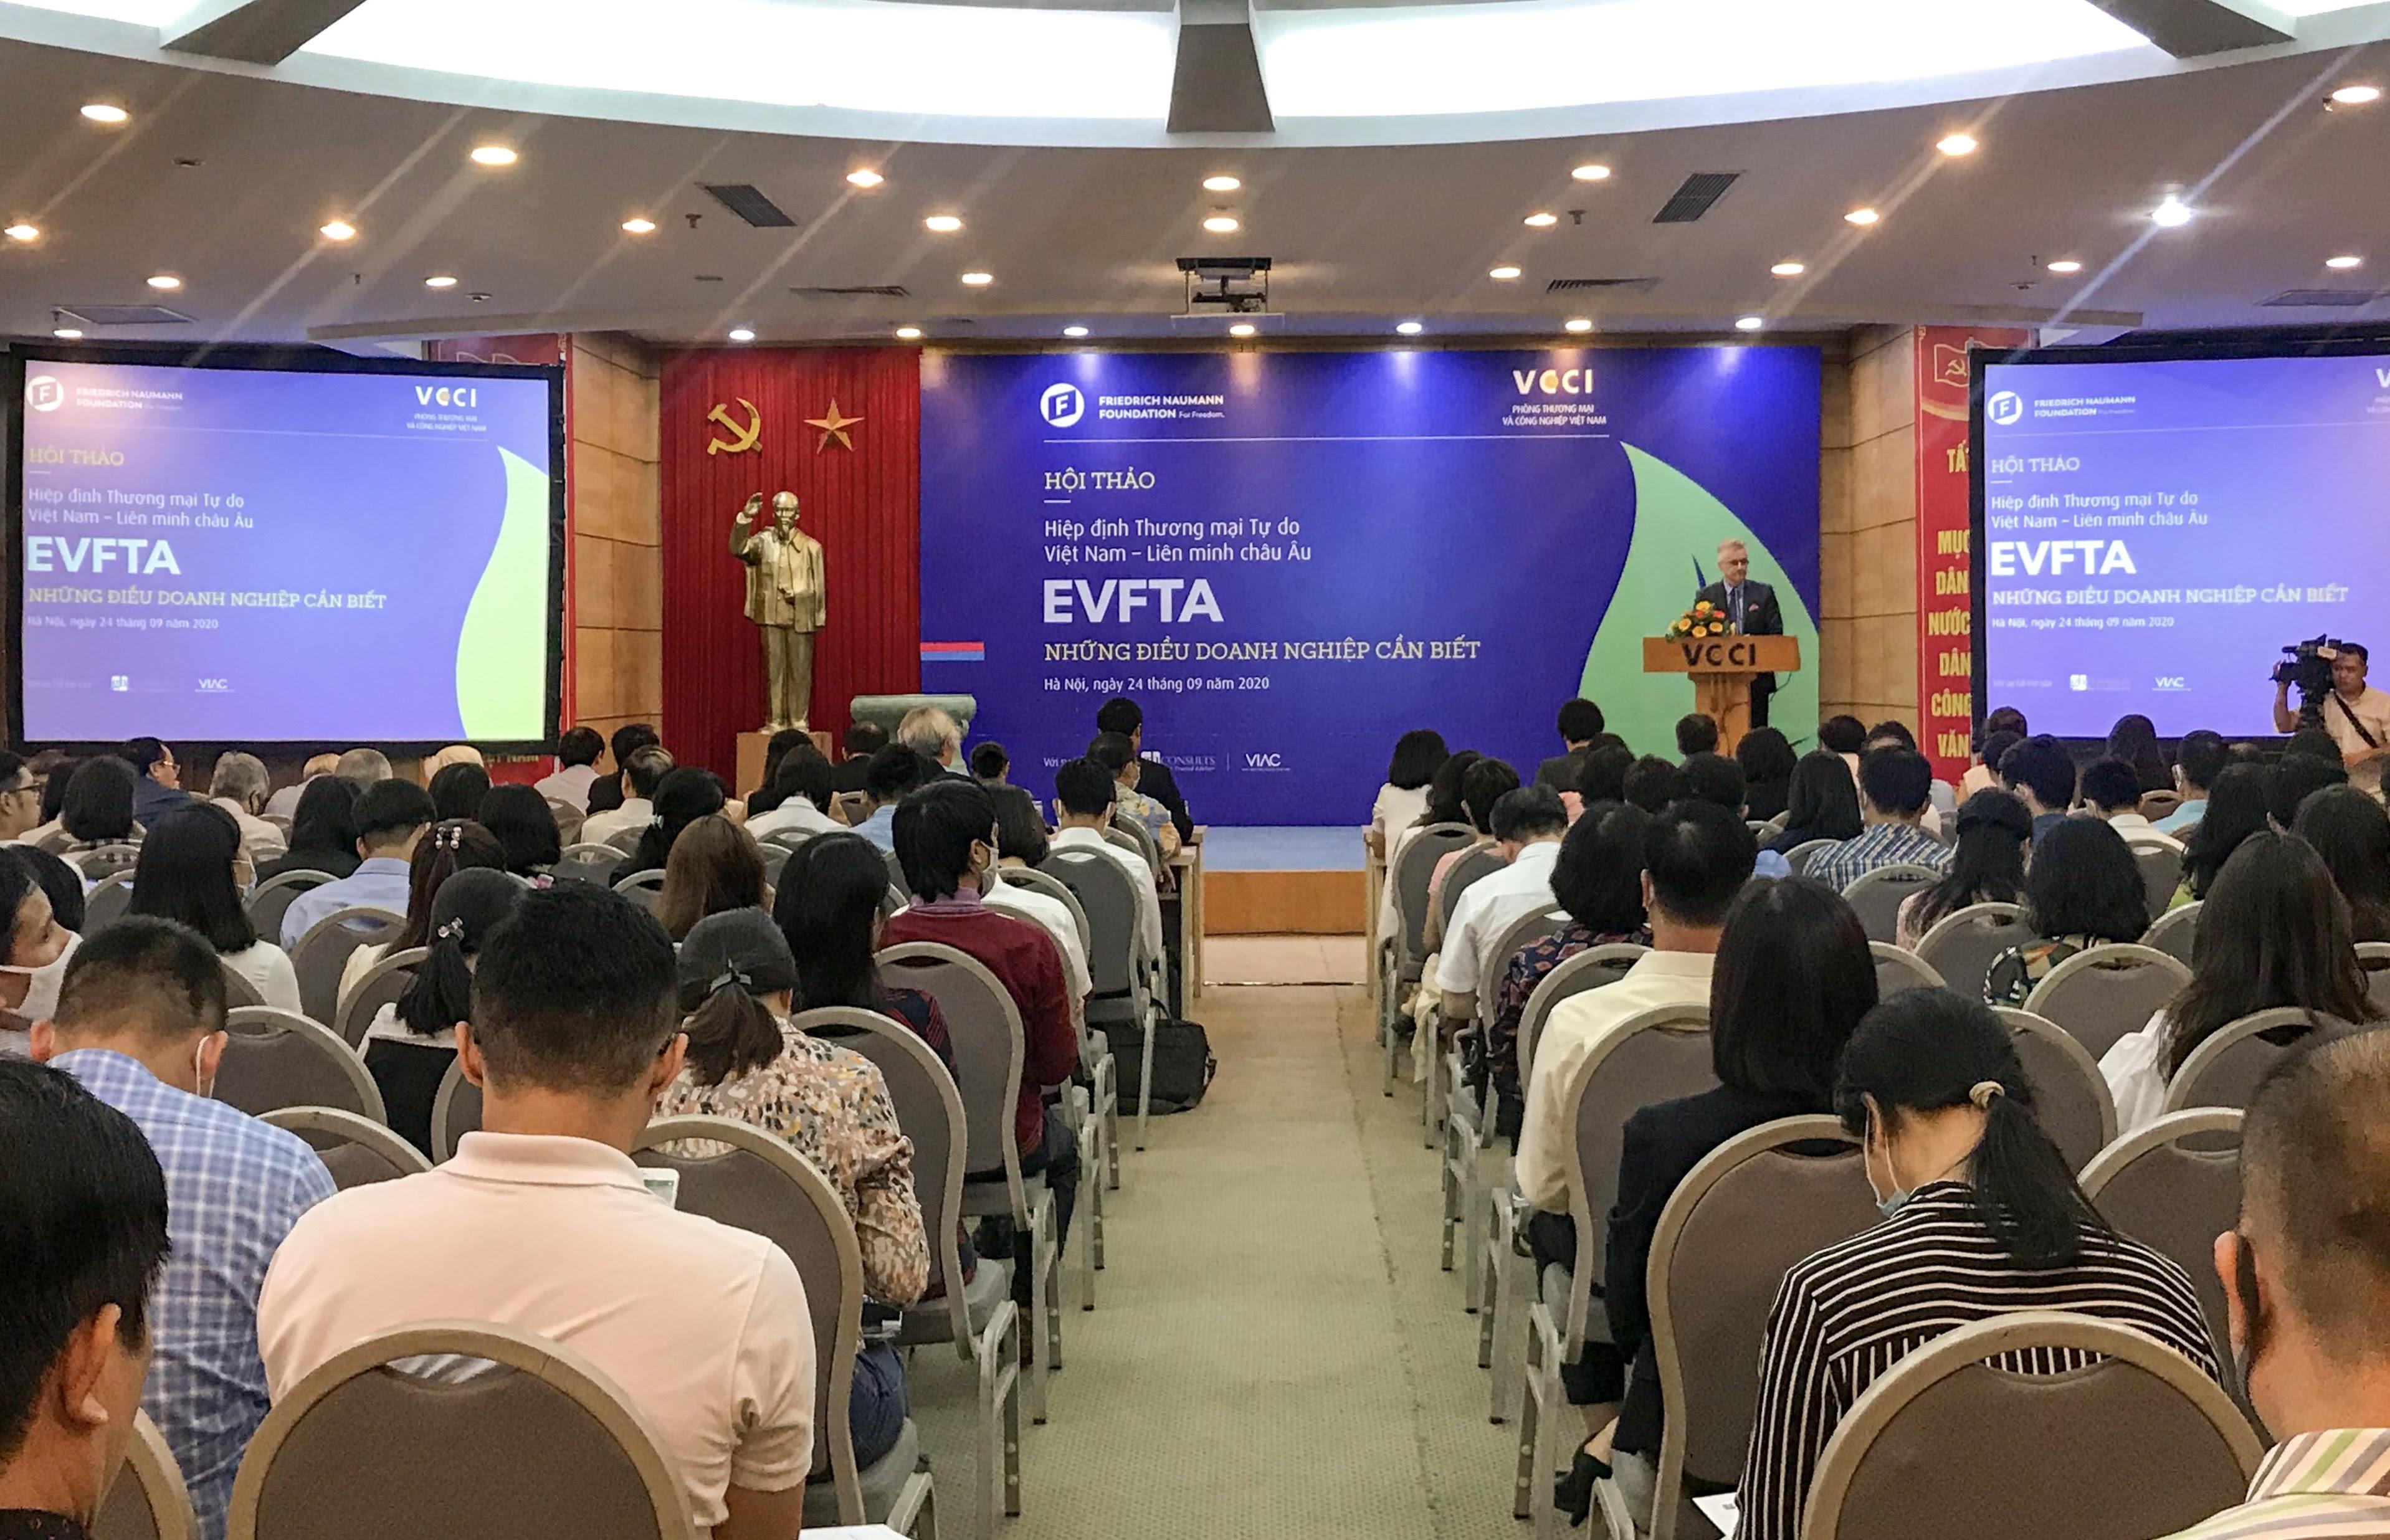 Doanh nghiệp cần hiểu biết đầy đủ về các cam kết EVFTA